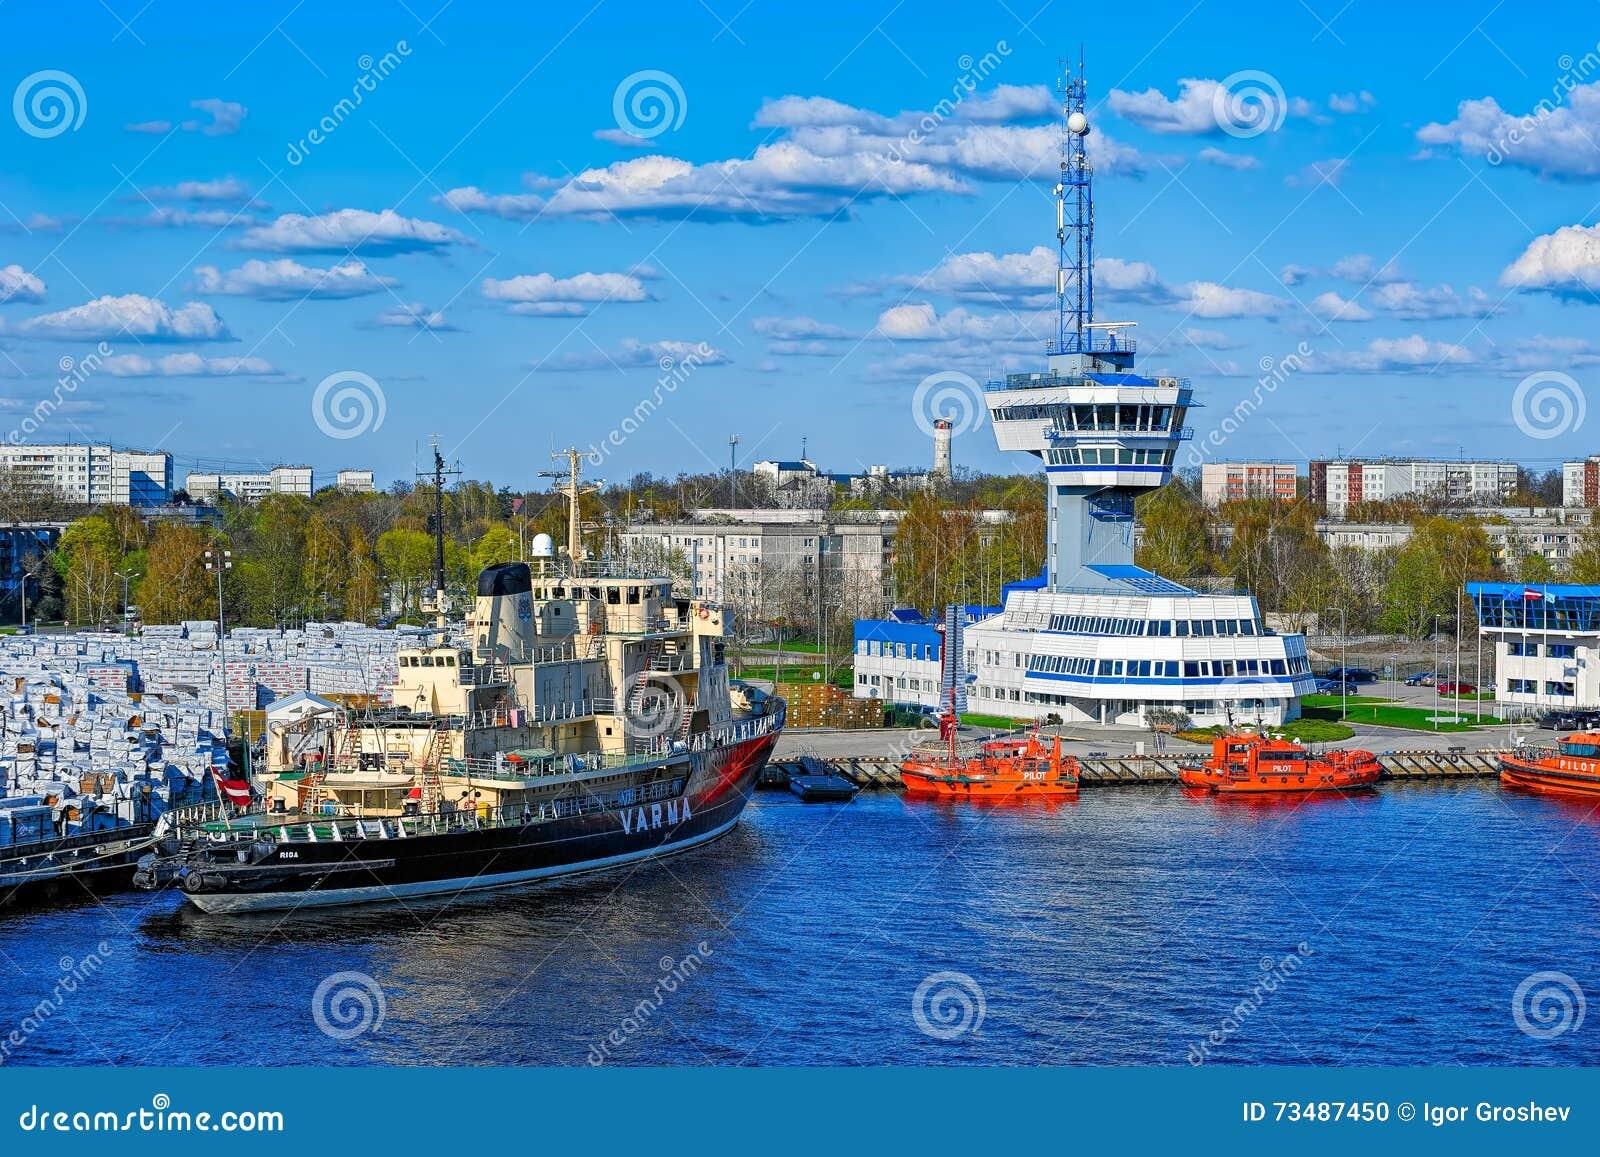 Torre de controlo de tráfico da autoridade portuária de Riga